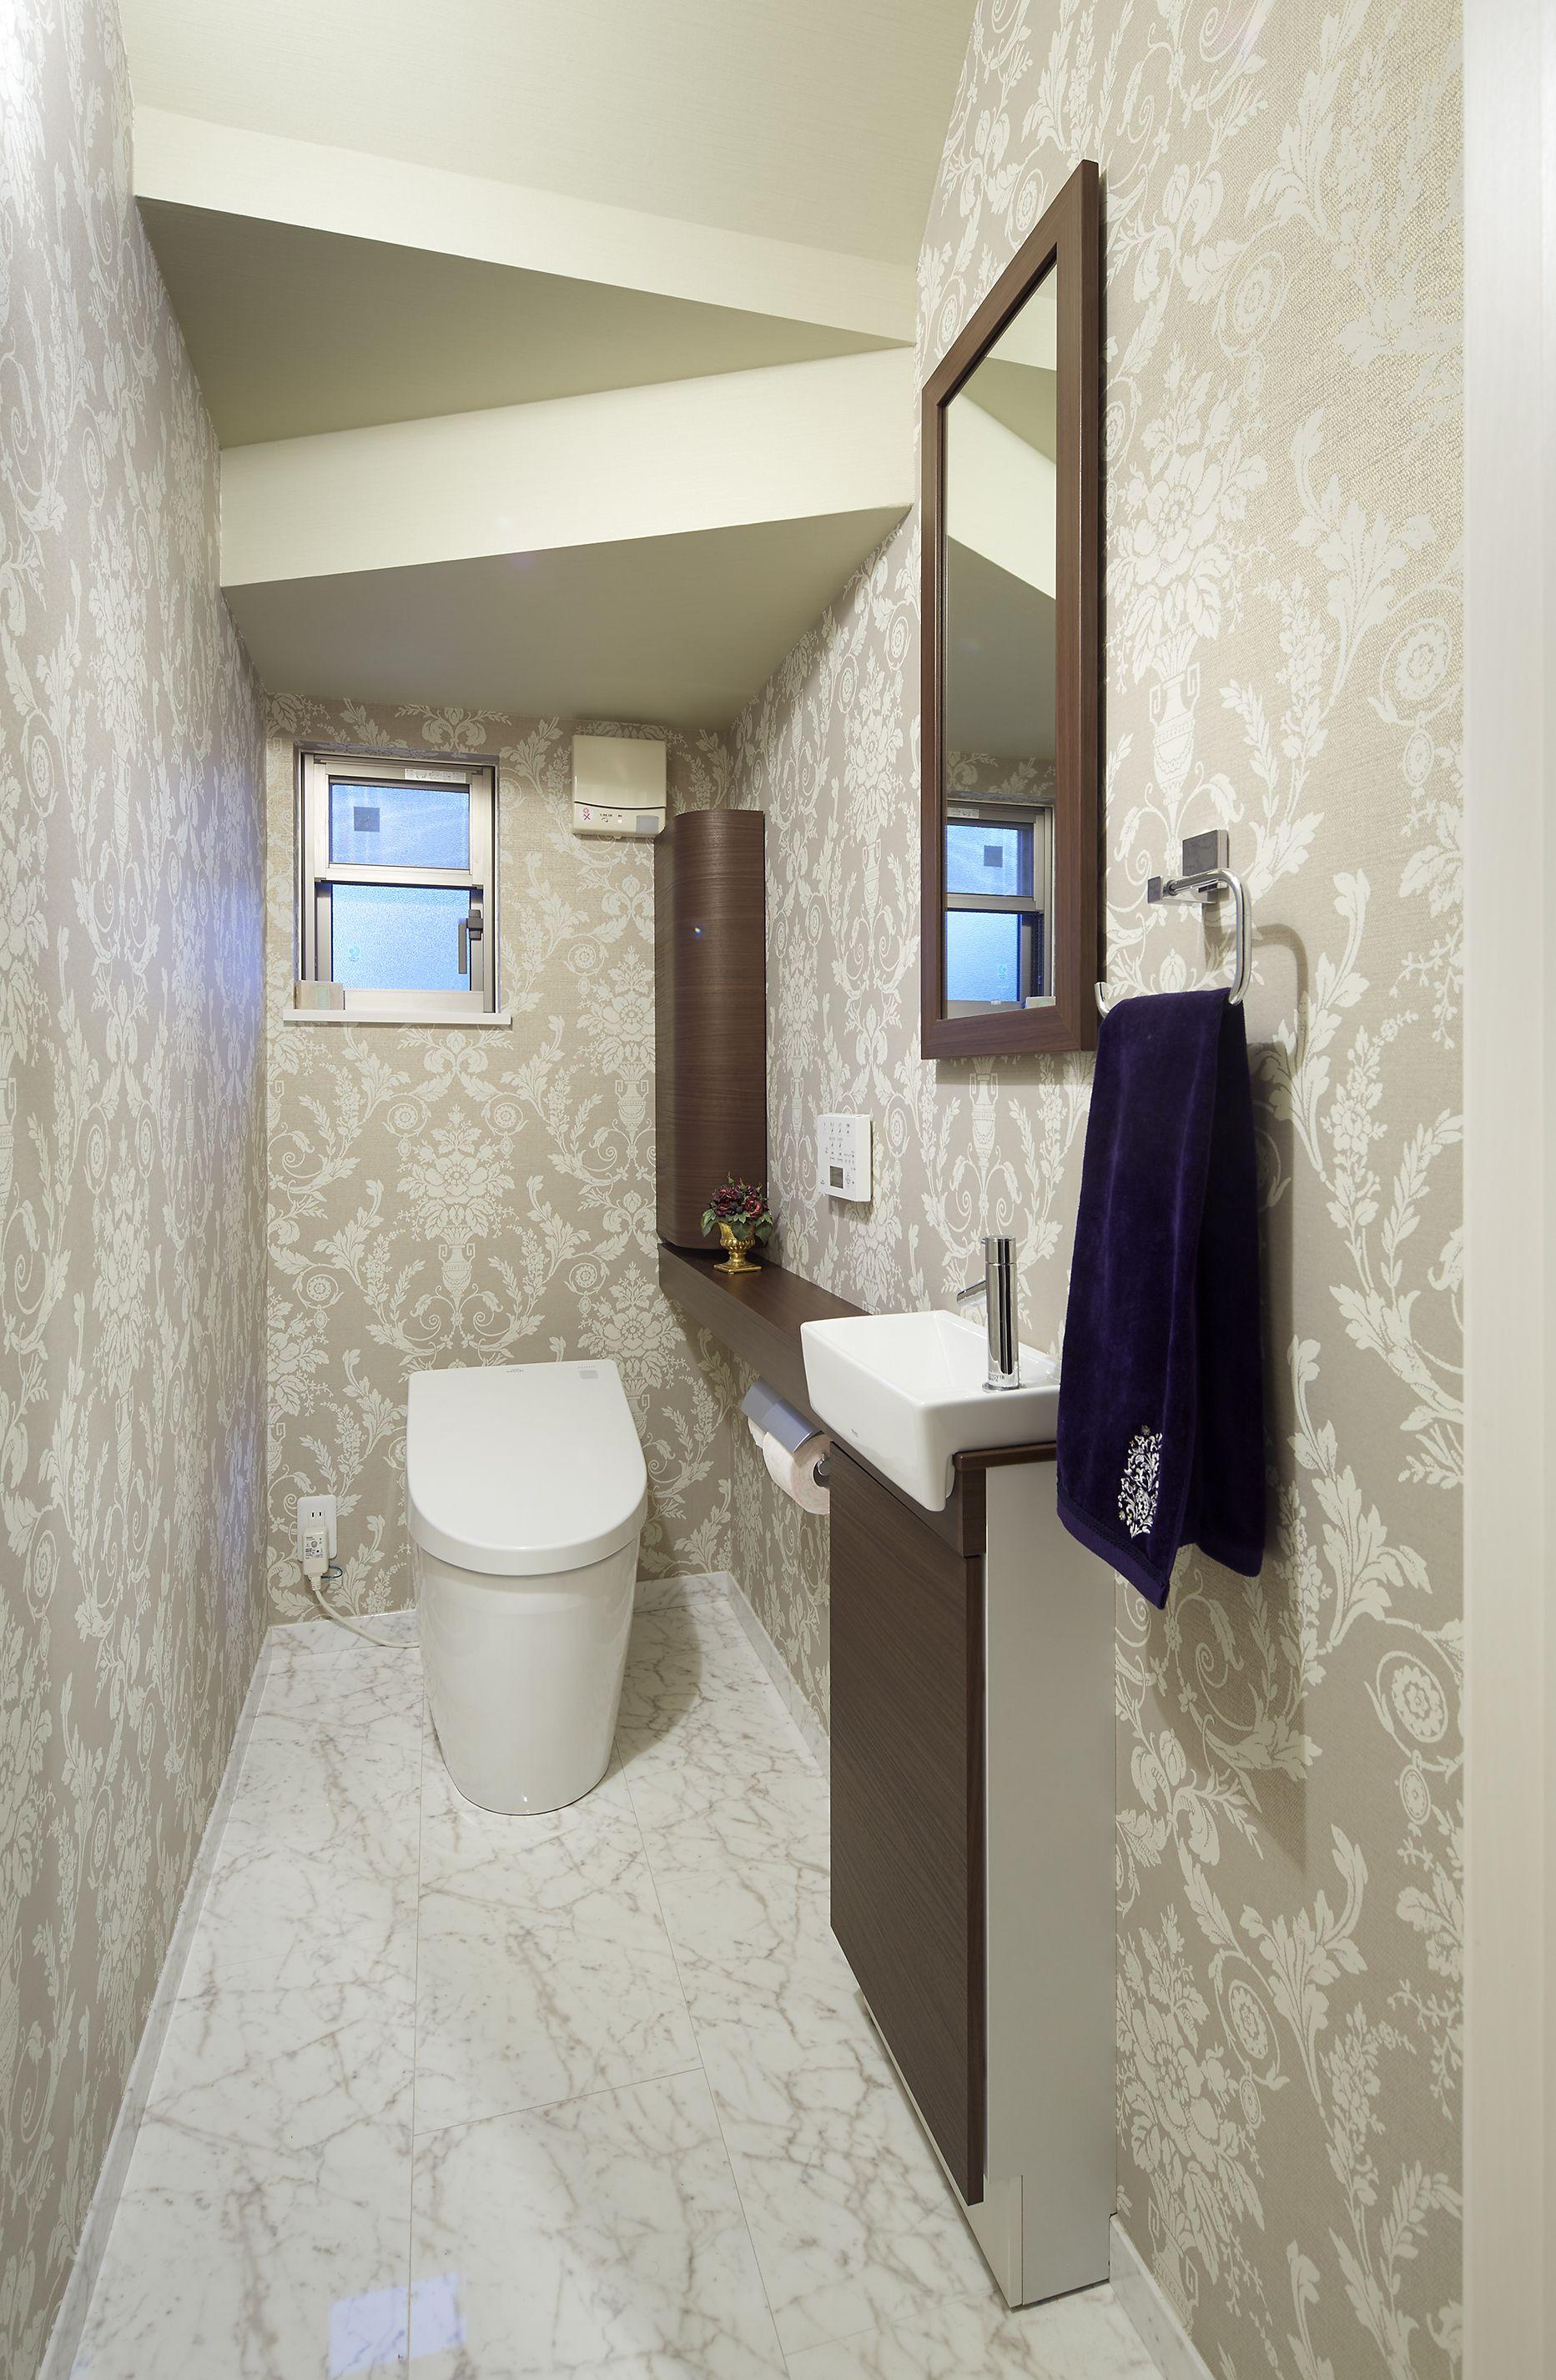 ミサワホームイングデザインリフォーム 階段下のトイレをリフォーム